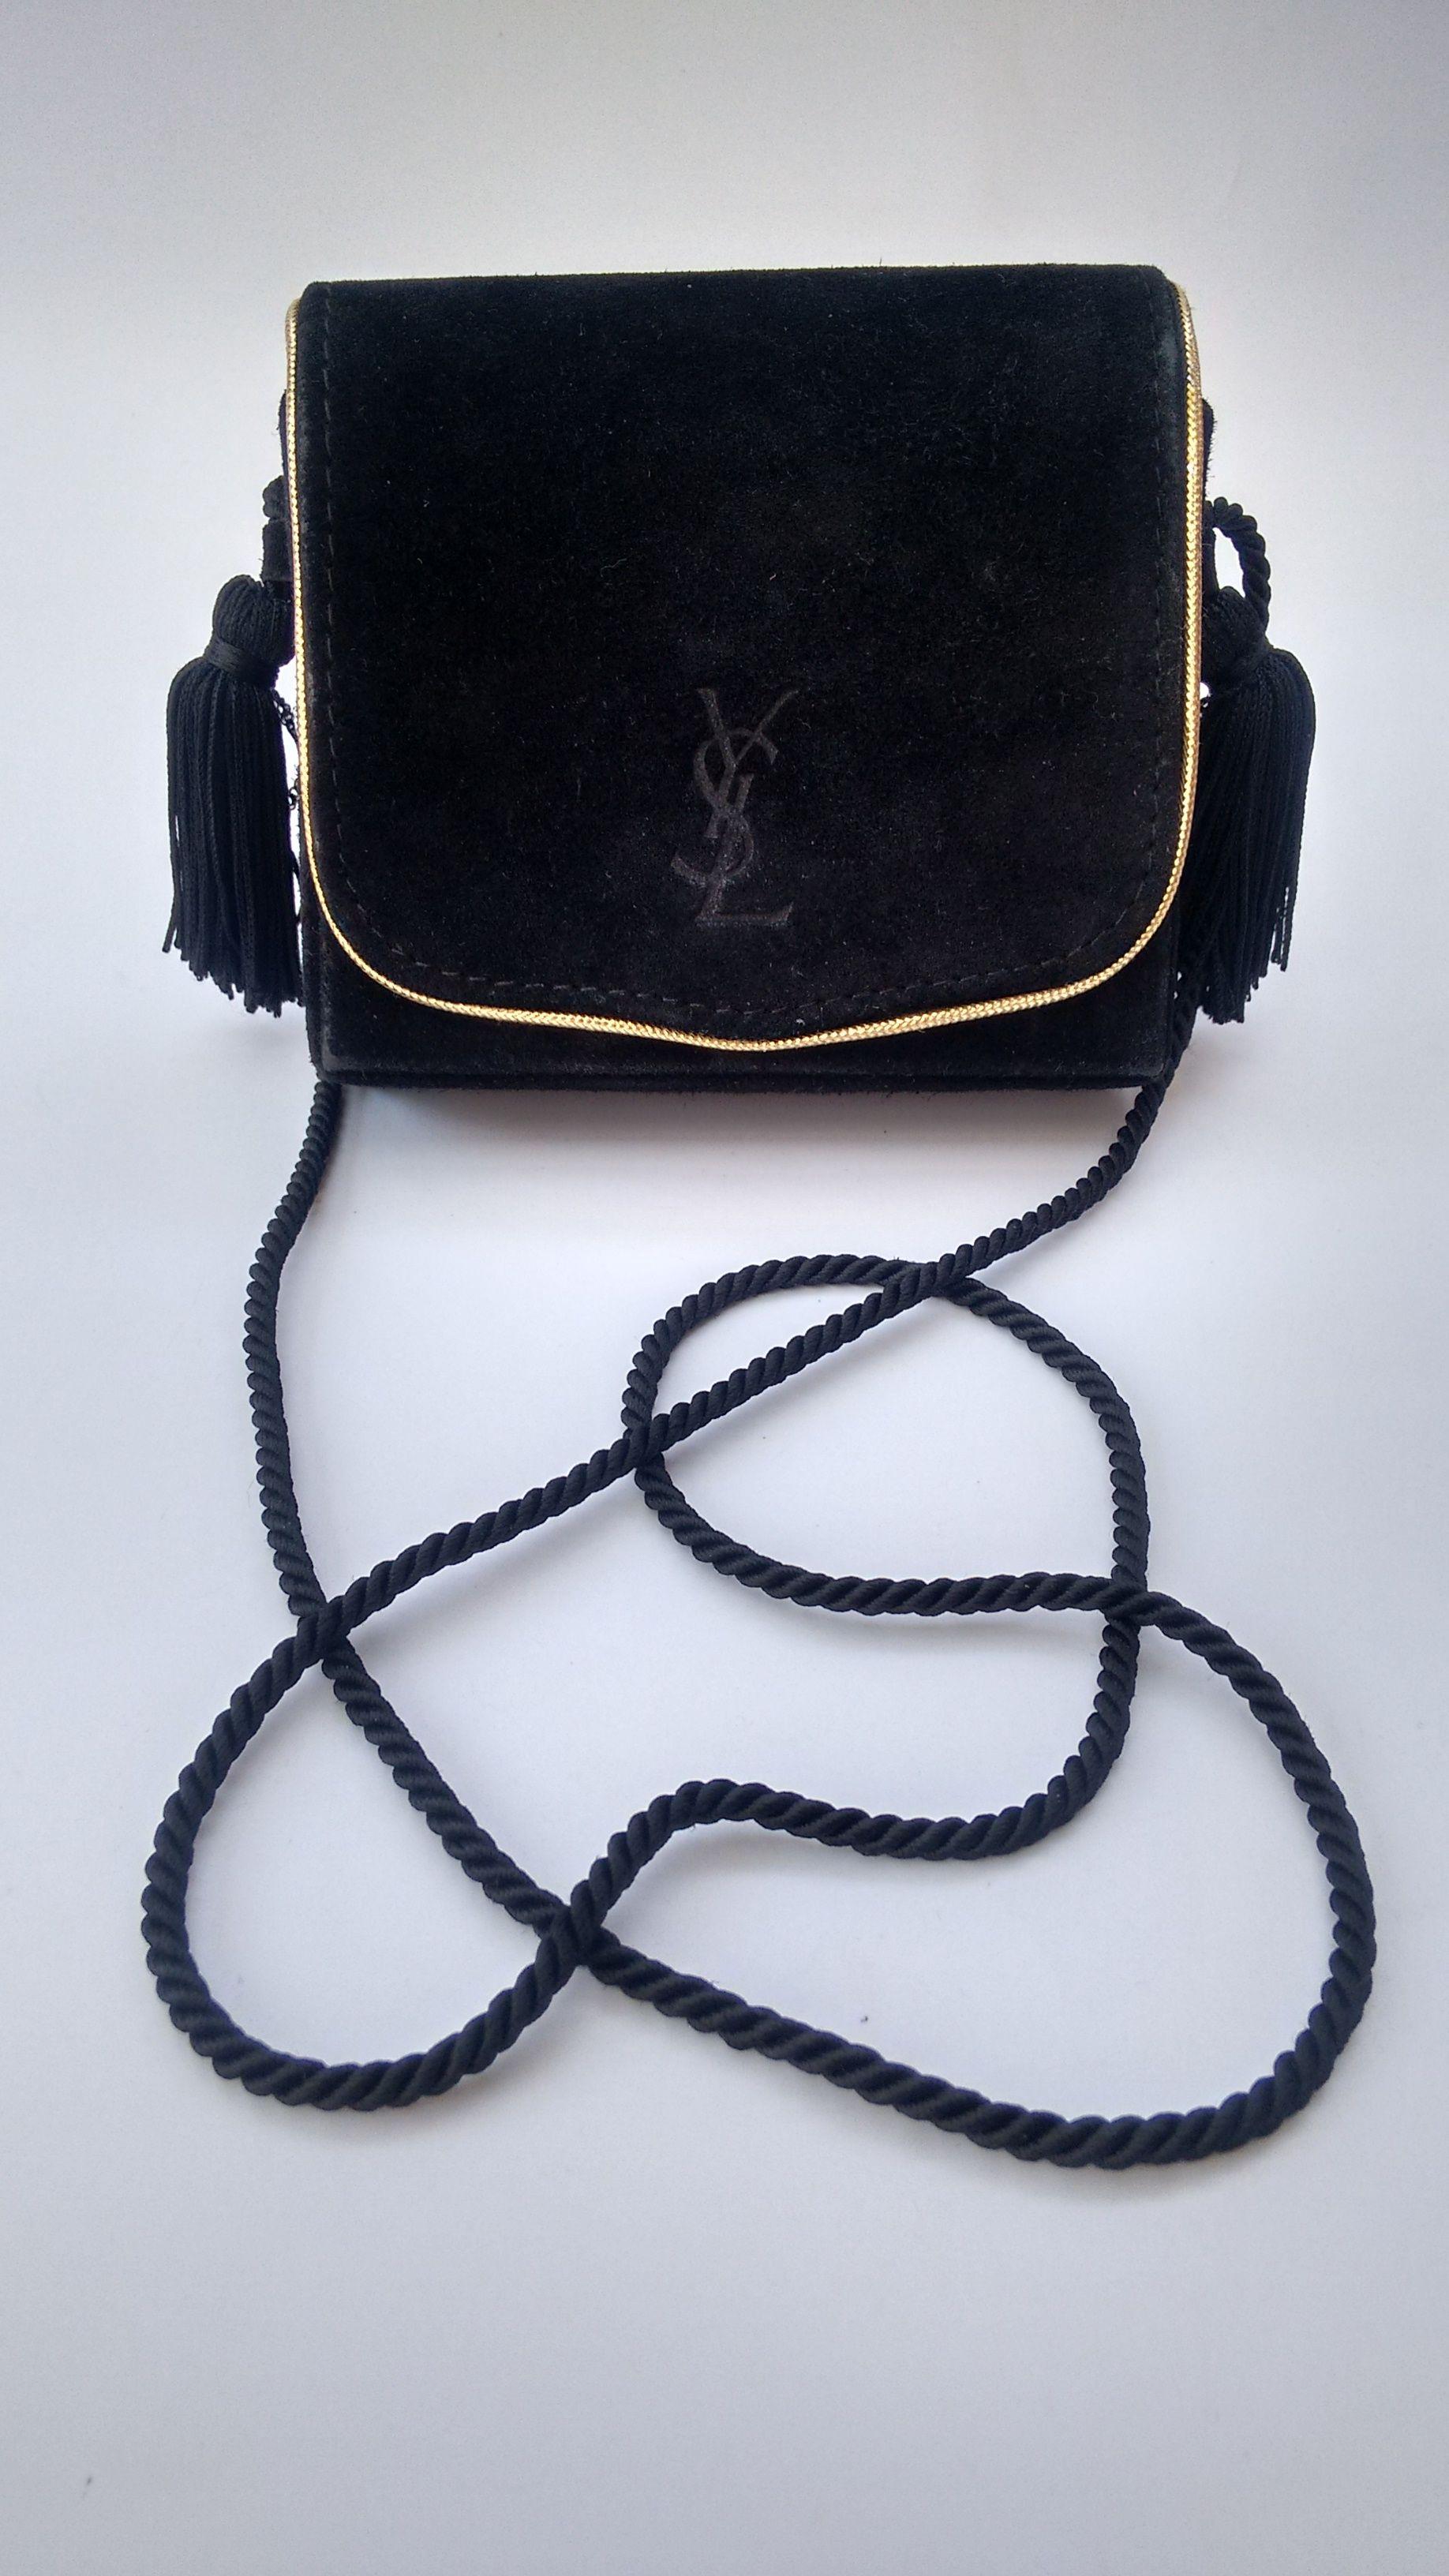 Ysl Bag Yves Saint Laurent Vintage Black Suede Shoulder Bag Yves Saint Laurent Vintage Bags Bags Designer